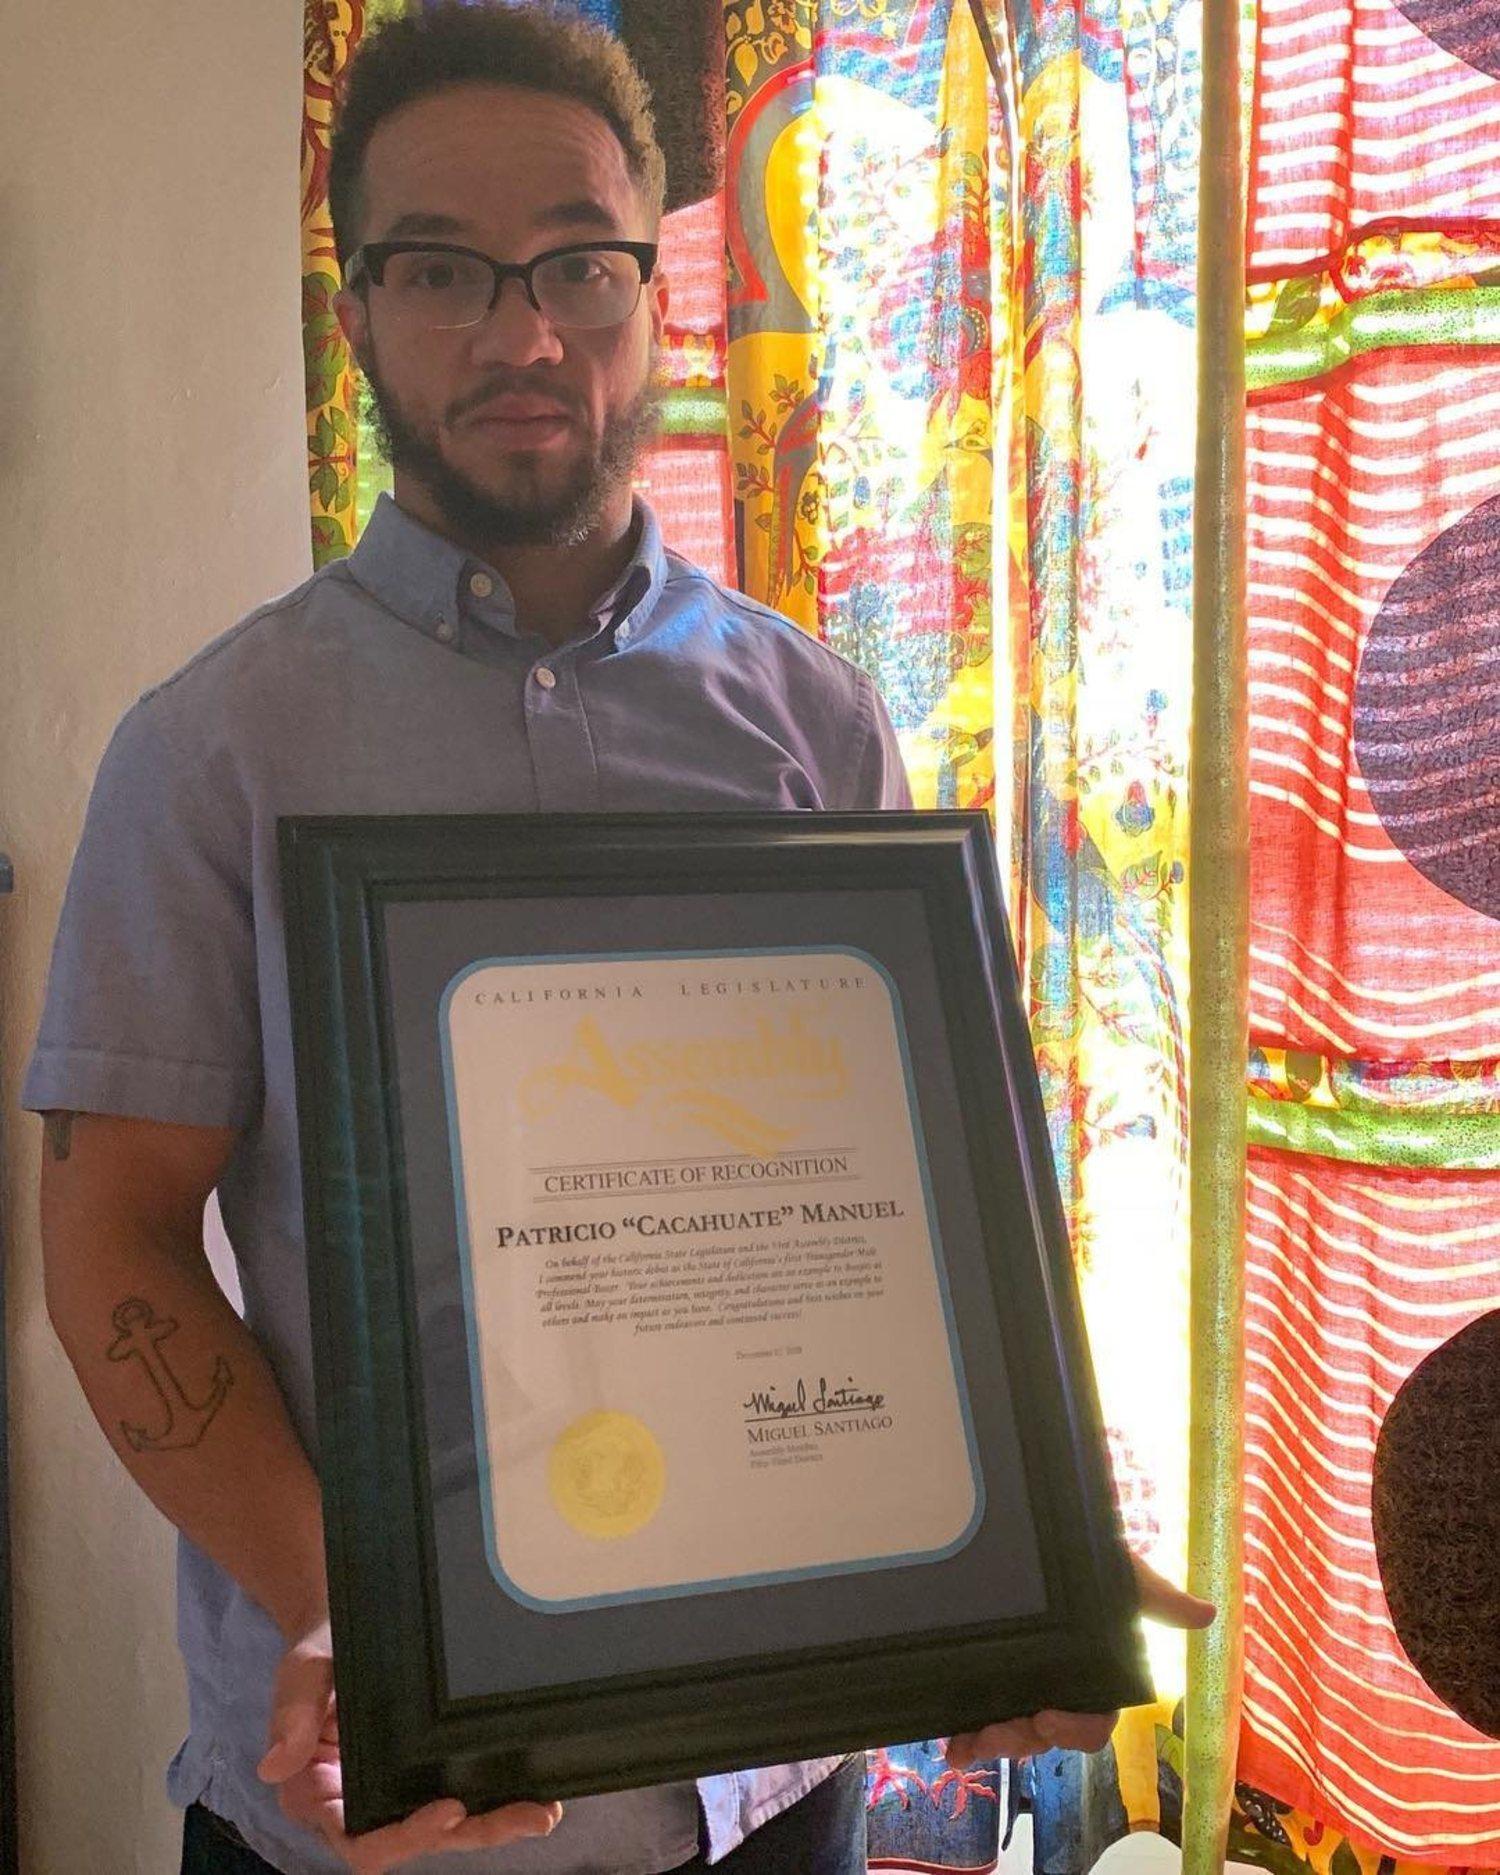 Patrio Manuel sostiene el Certificado de Reconocimiento por su